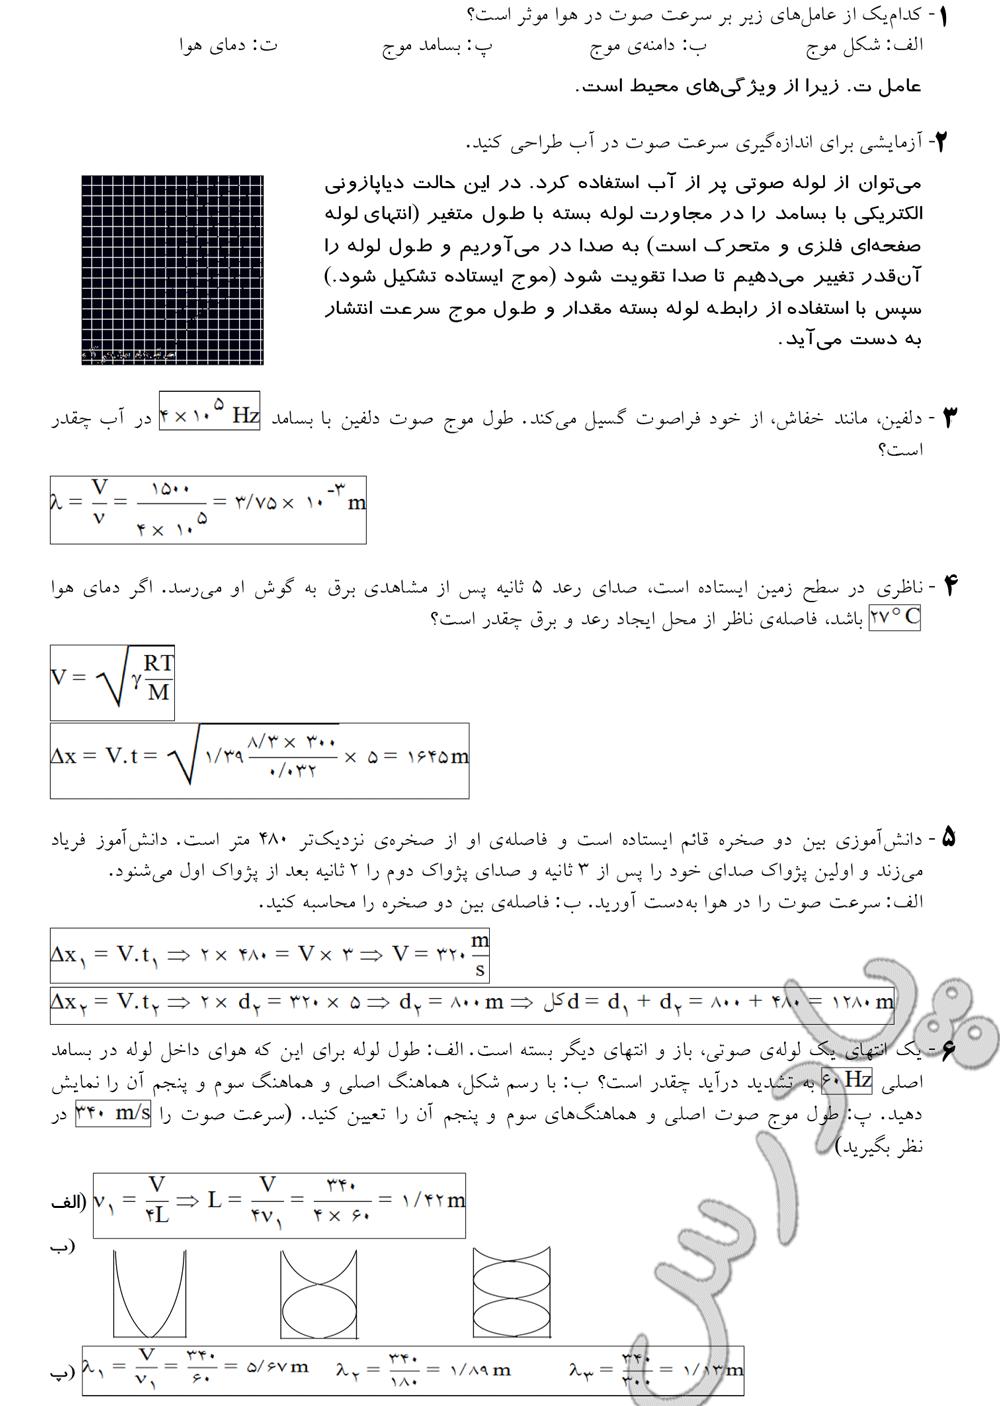 جواب تمرینات 1 تا 6  آخر فصل 5 فیزیک پیش دانشگاهی رشته ریاضی